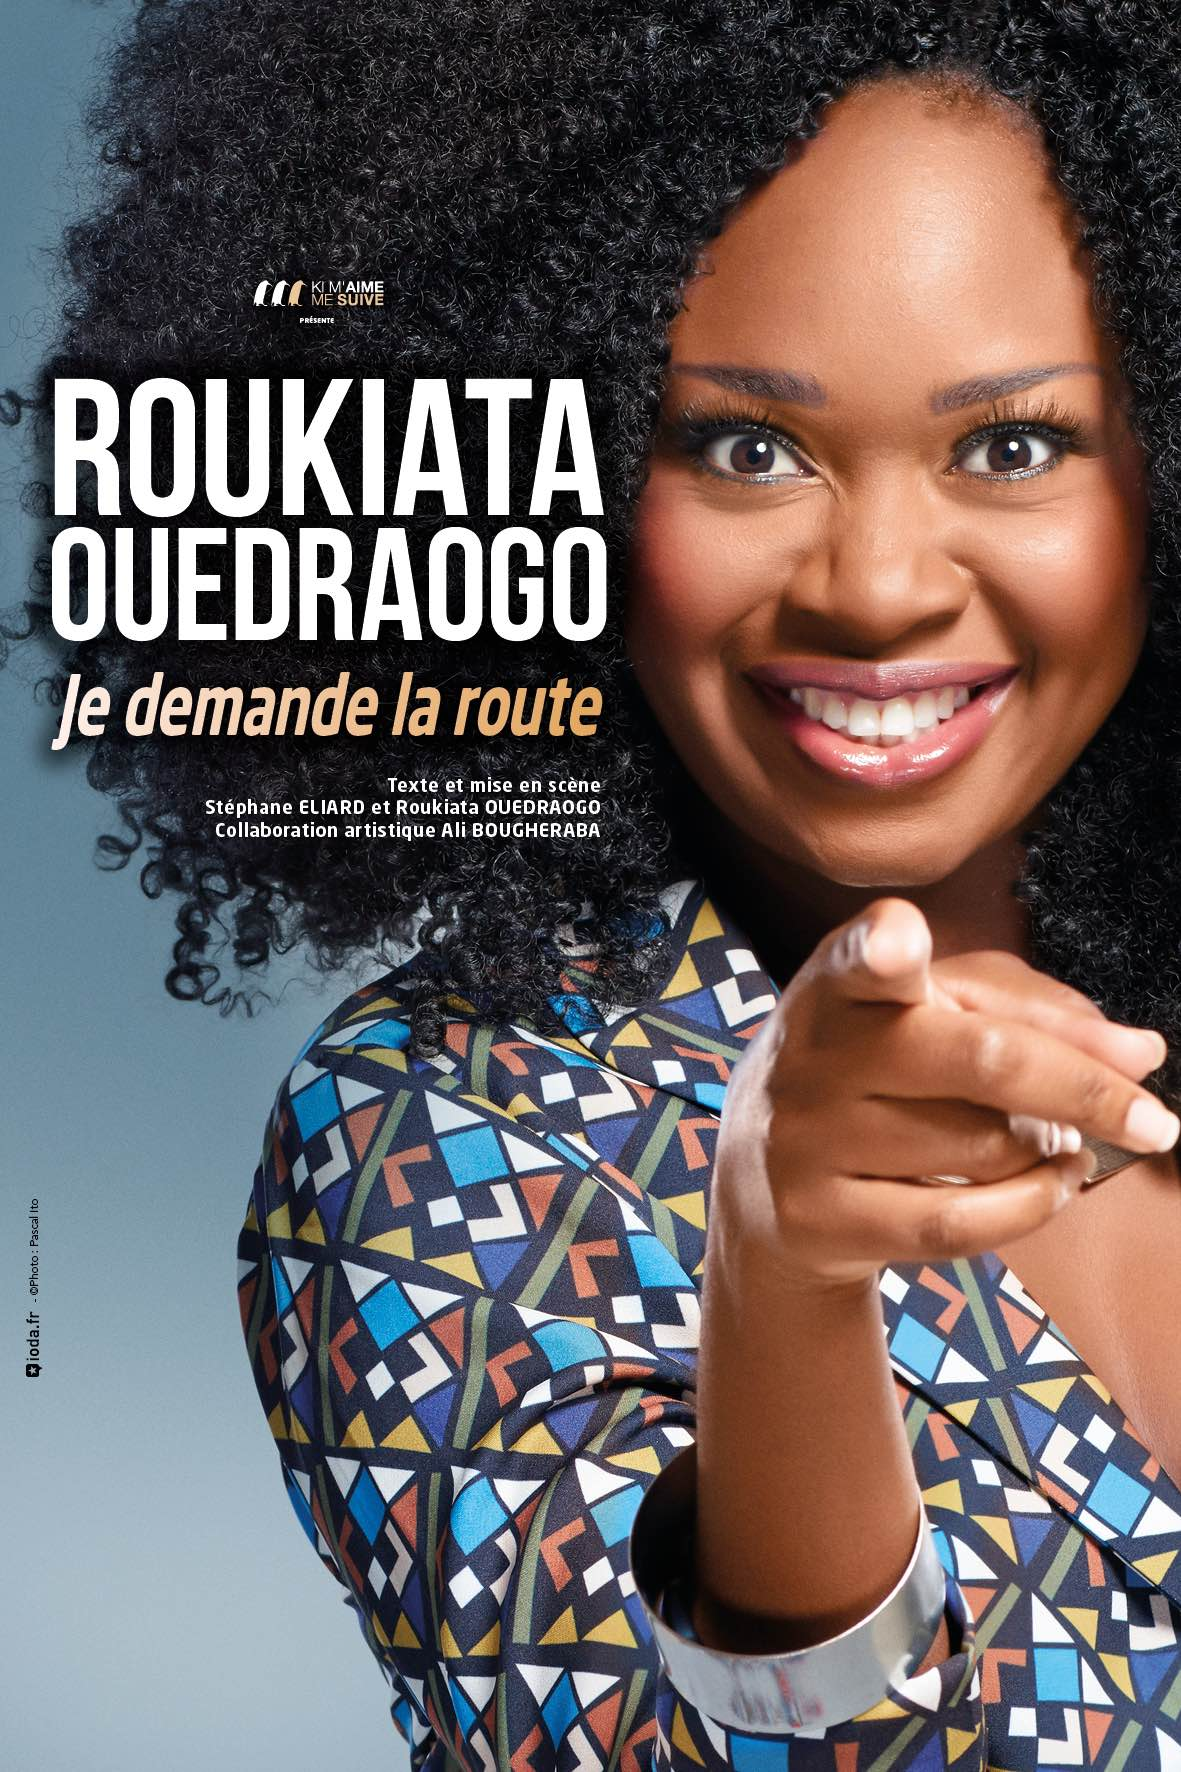 20x30_ROUKIATA_TOURNÉE_BD